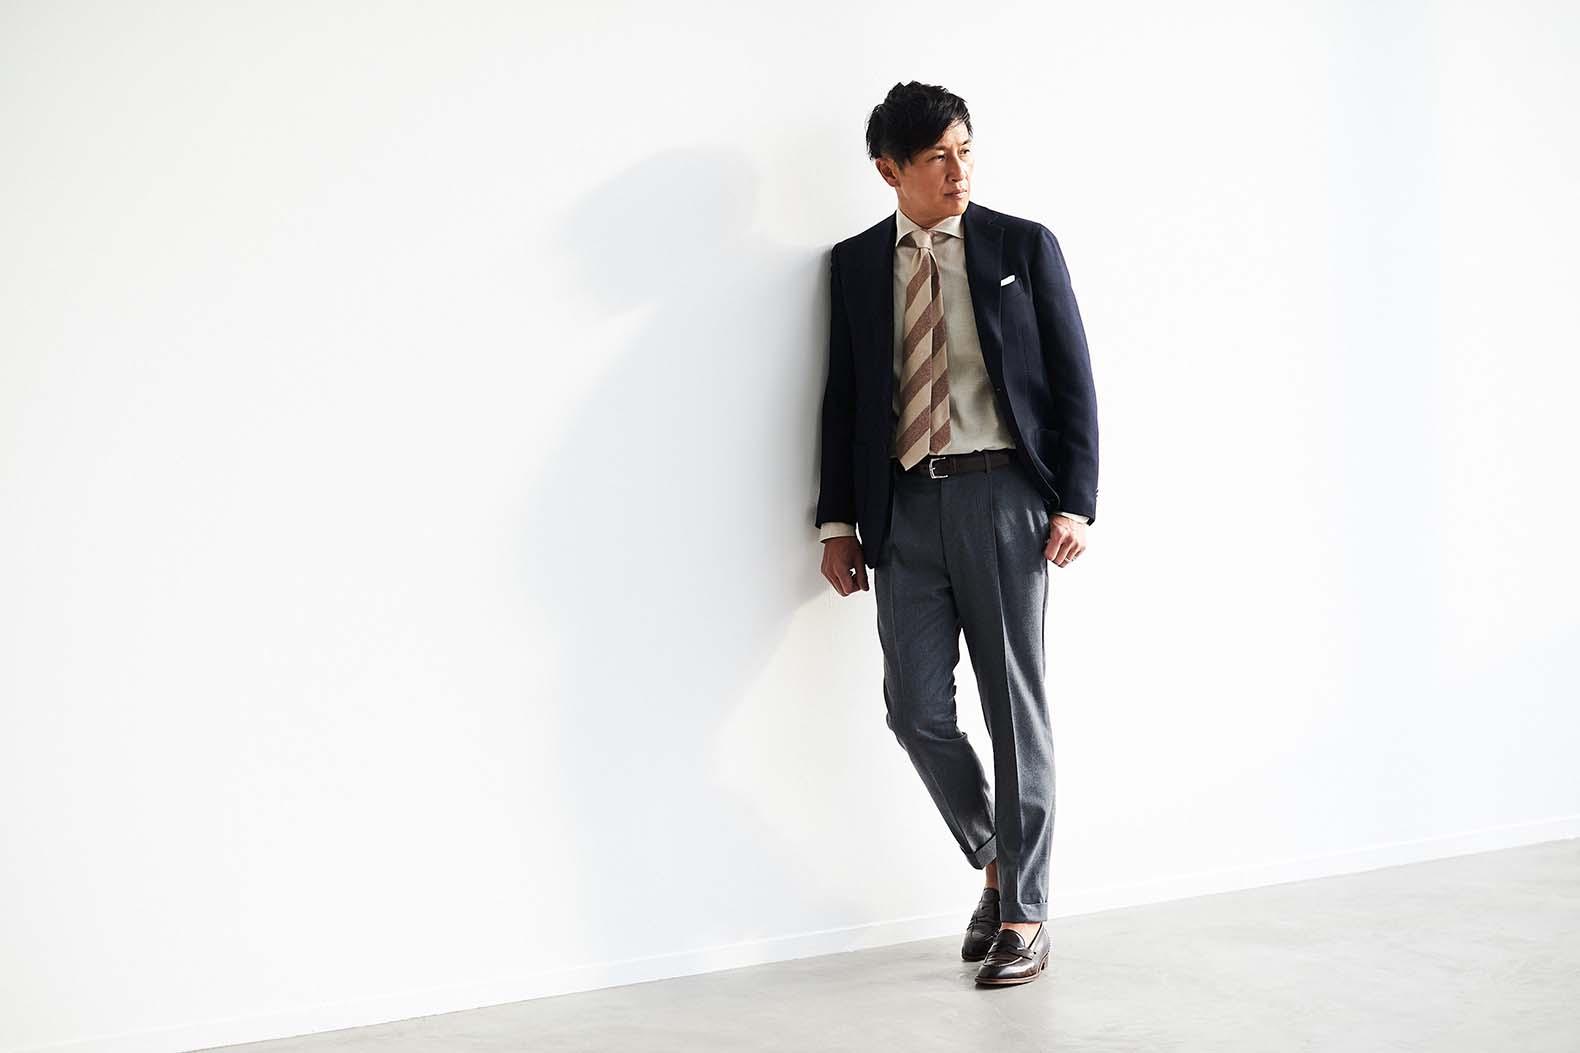 大人気のPT01のB.R.SHOP別注モデルに 戸賀敬城が惚れ込んだ理由